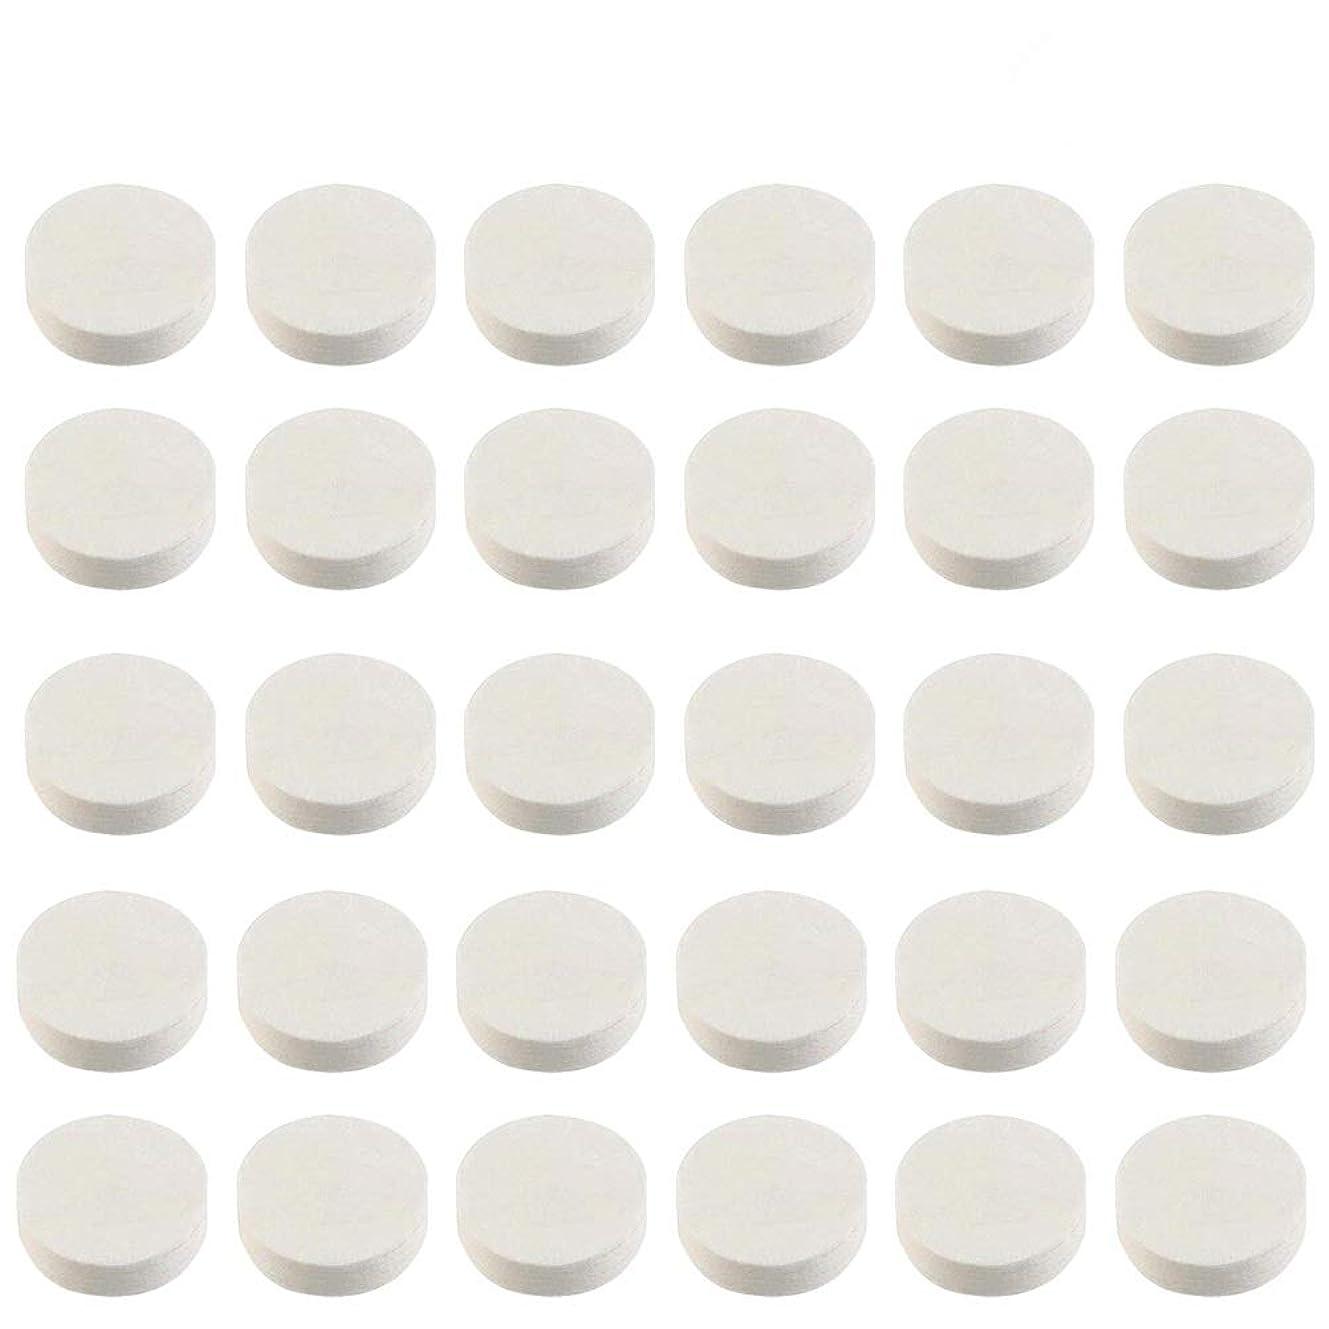 他の日小競り合い既婚WINOMO 圧縮マスク 圧縮フェイスパック 圧縮マスクシート スキンケア DIY美容マスク ランダムカラー 30枚入り 携帯便利 使い捨て